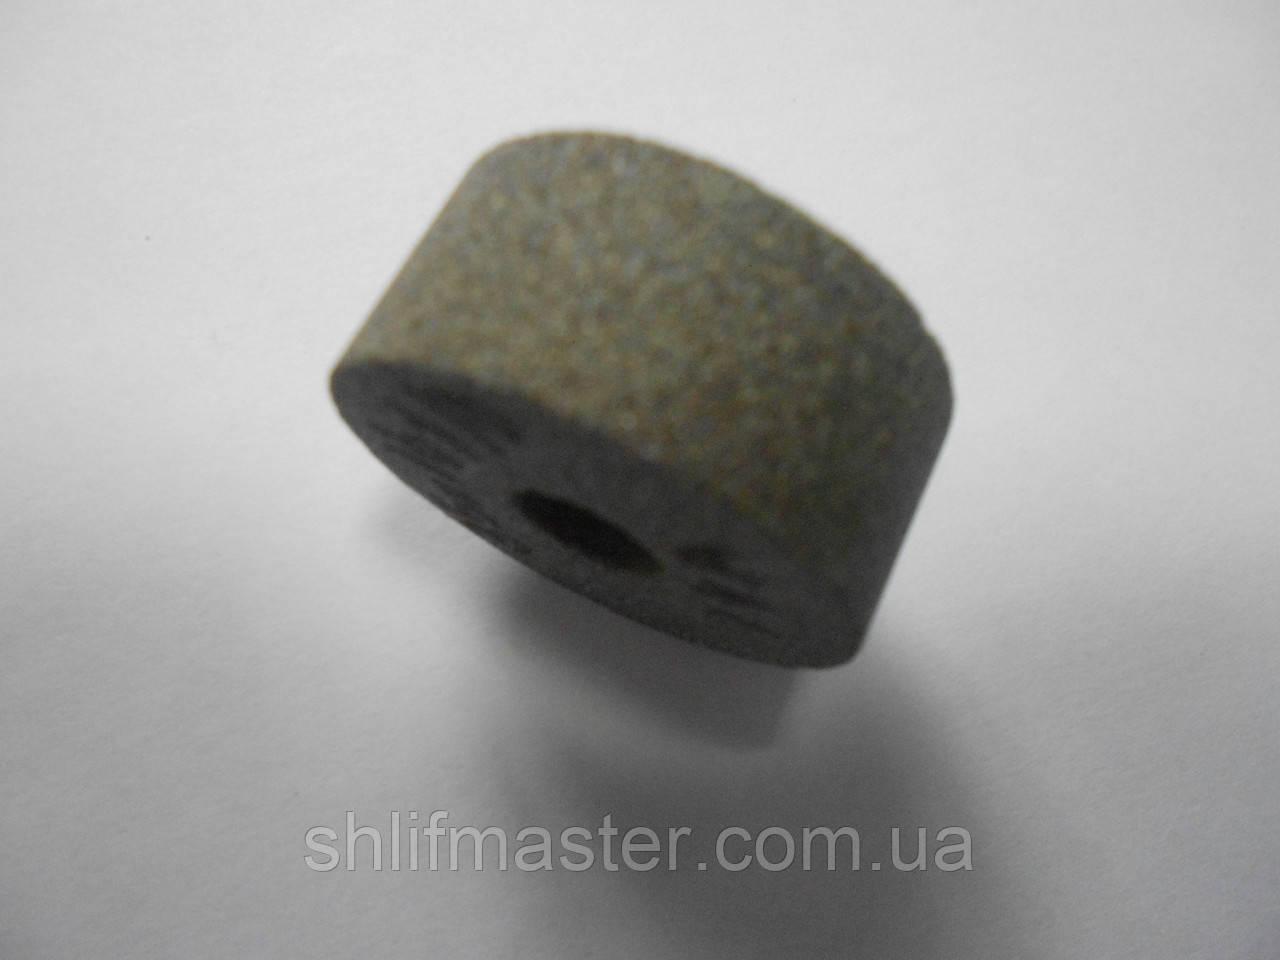 Чашка цилиндрическая ЧЦ 64С керамическая шлифовальная 150х80х32 40 М2-С1